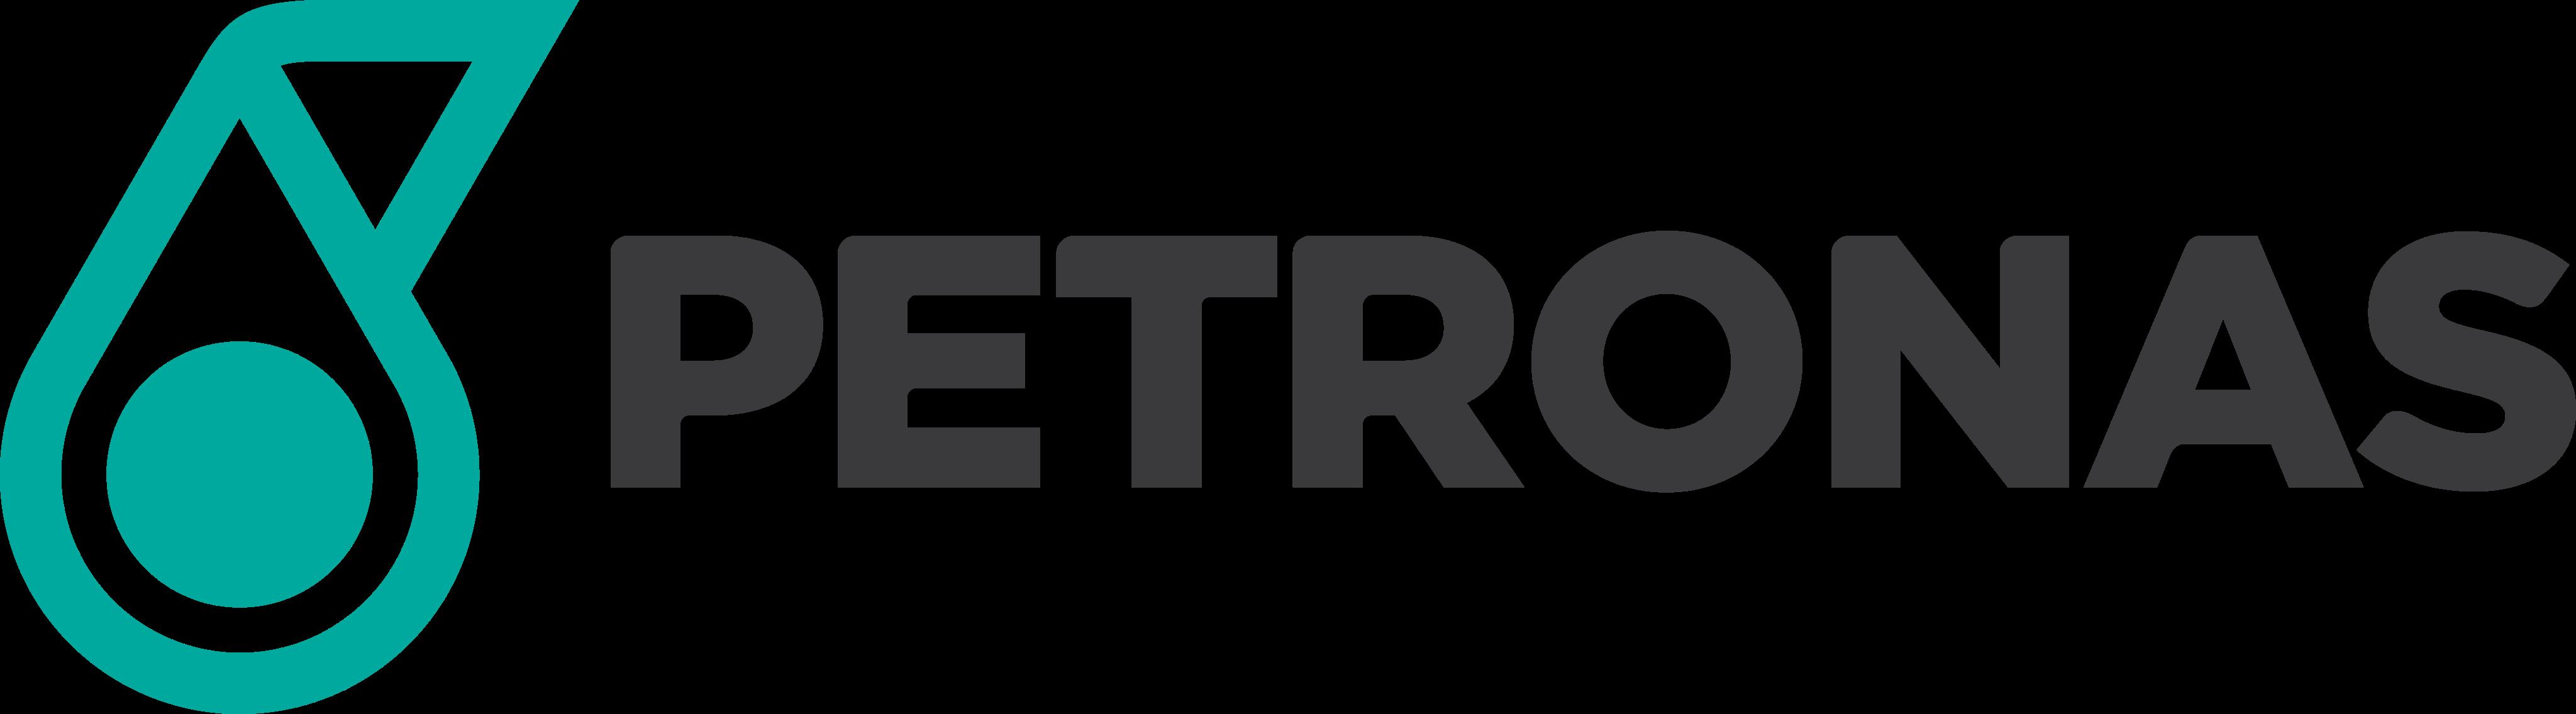 petronas logo 8 - Petronas Logo